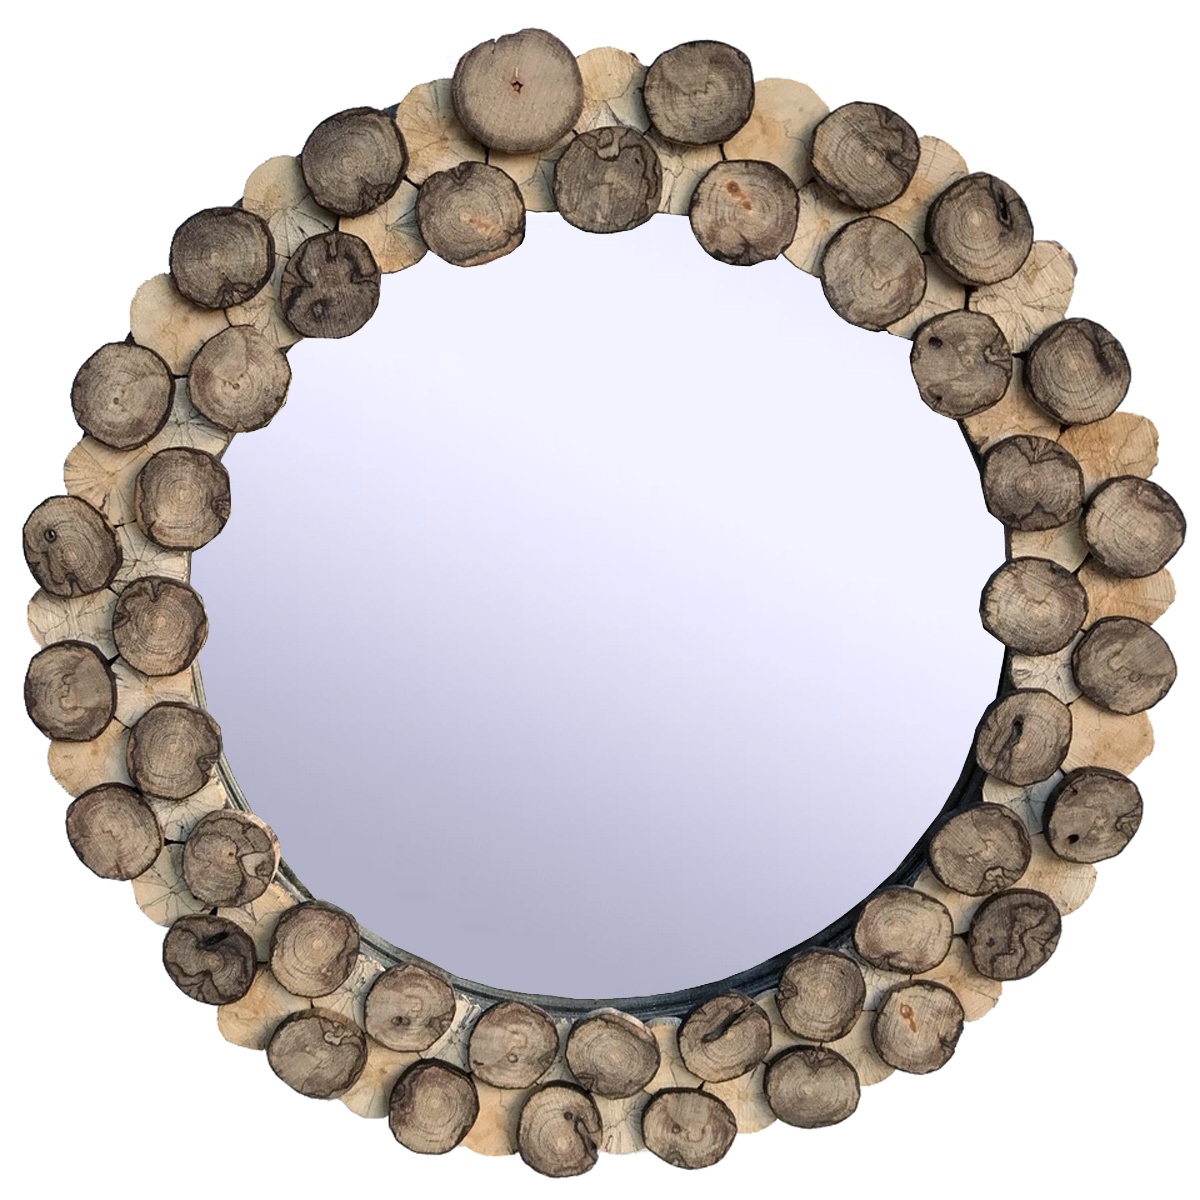 Spiegel Rund aus Treibholzscheiben Driftwoods